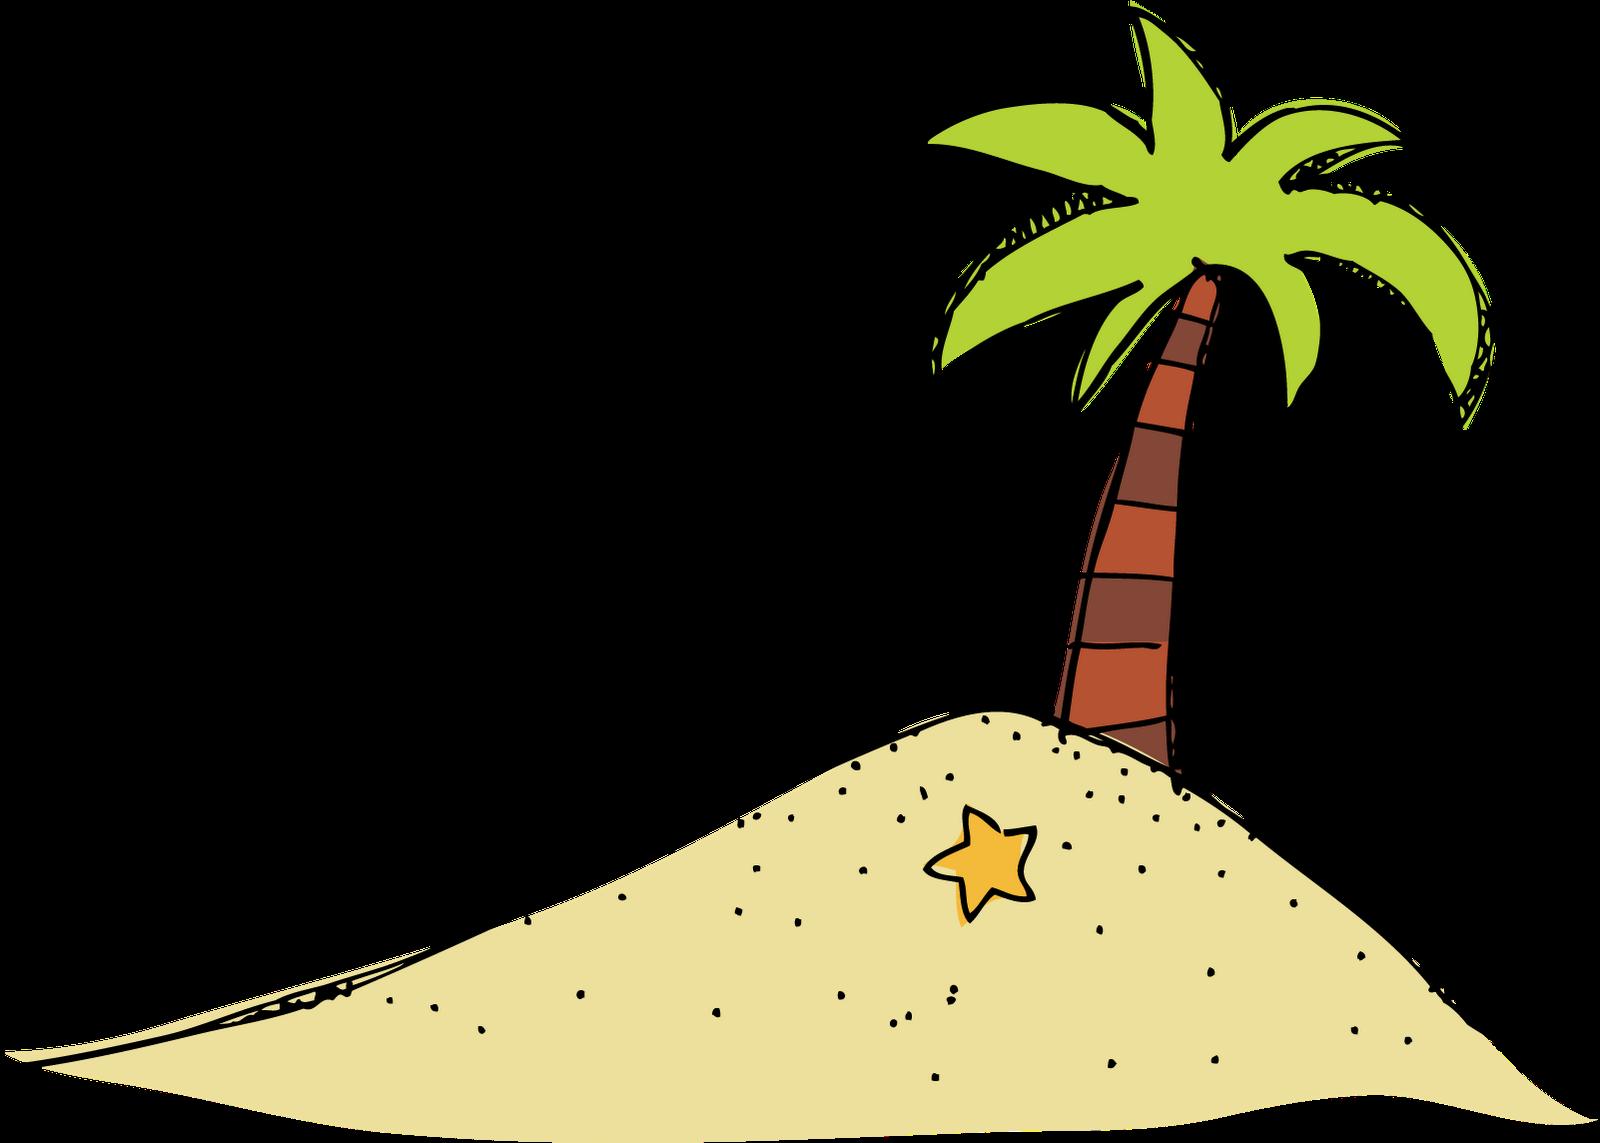 . Treasure clipart pirate island